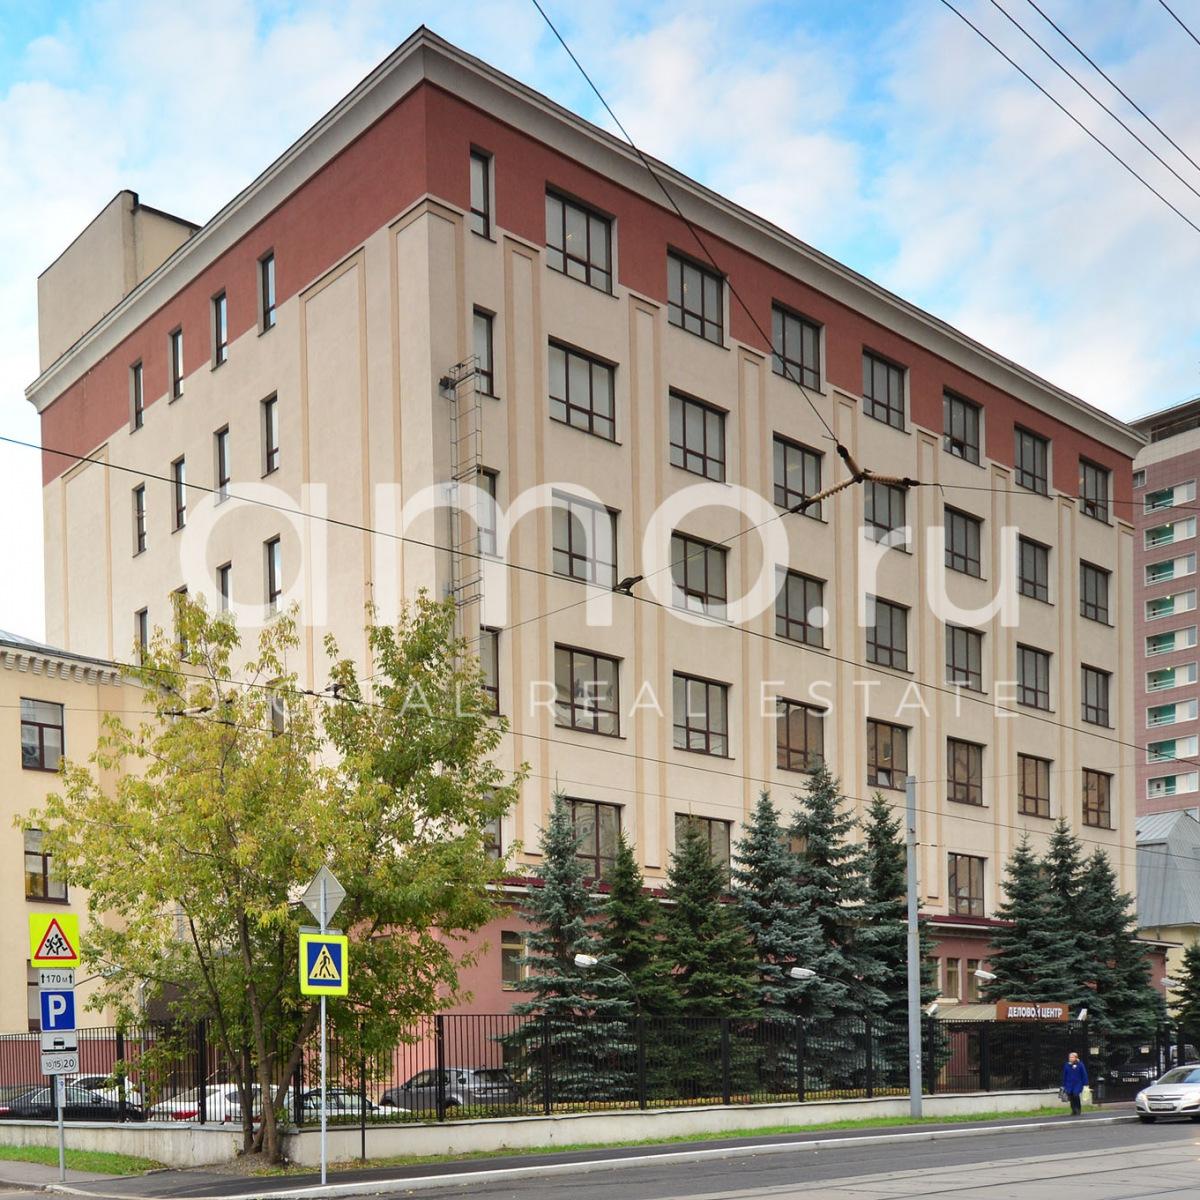 Трудовой договор Рогожская Застава площадь 2 ндфл купить с подтверждением москва для кредита